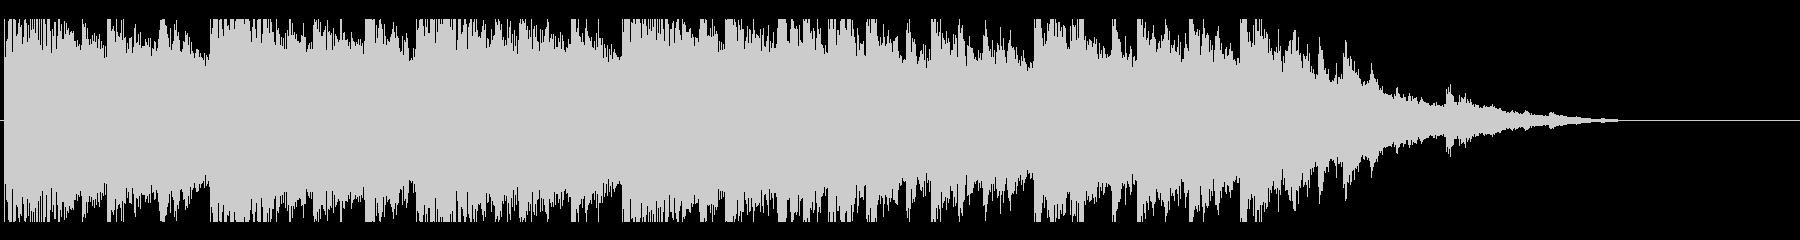 広がりのあるピアノアンビエント風BGMの未再生の波形